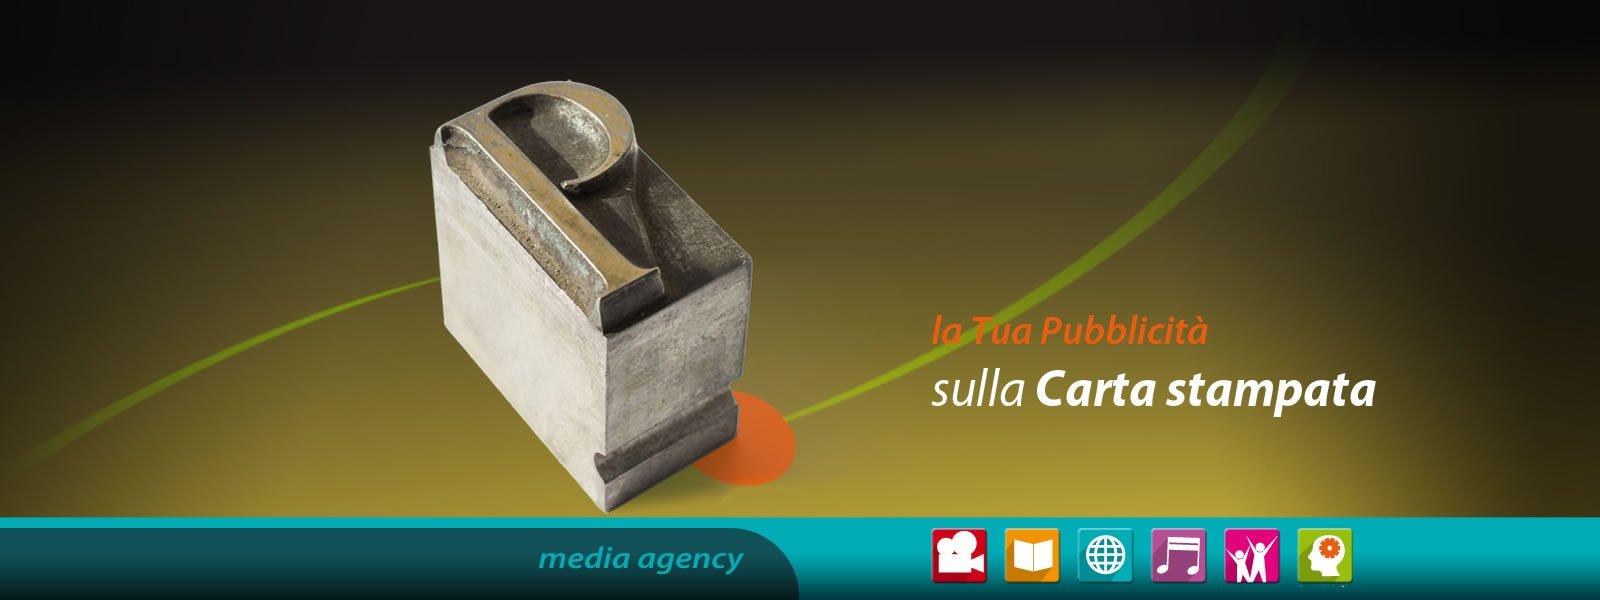 Publimedia Italia la pubblicità sulla stampa